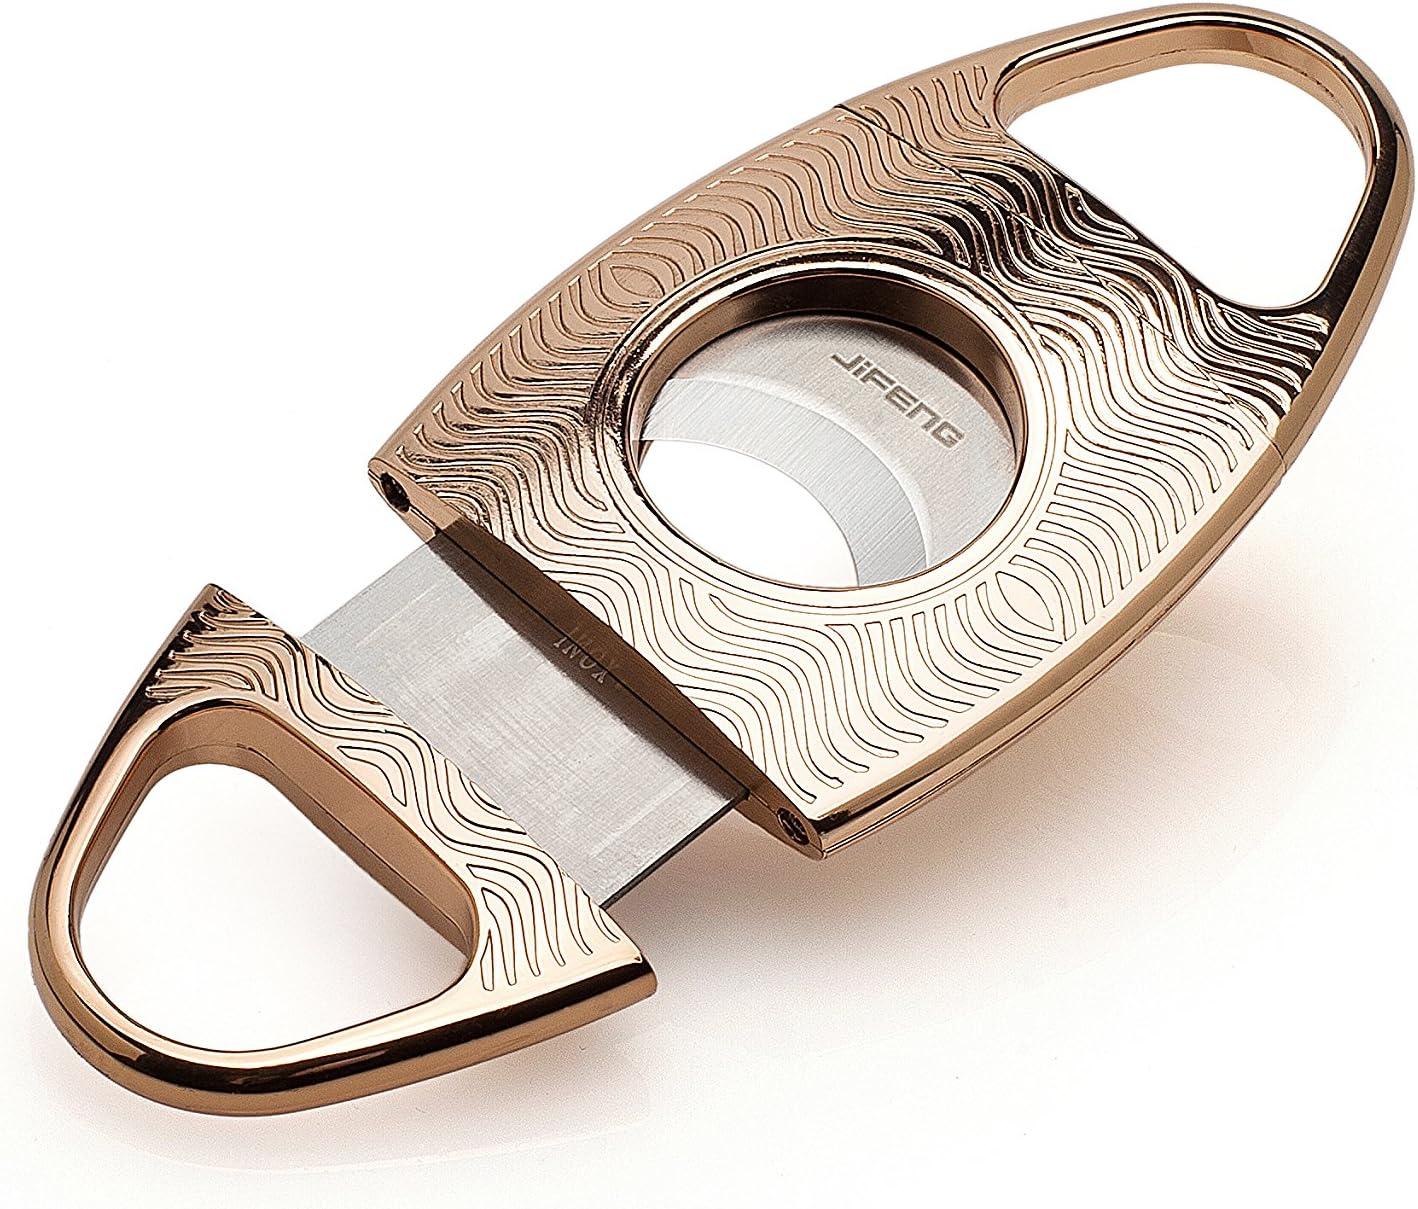 JIFENG Cigar Cutter